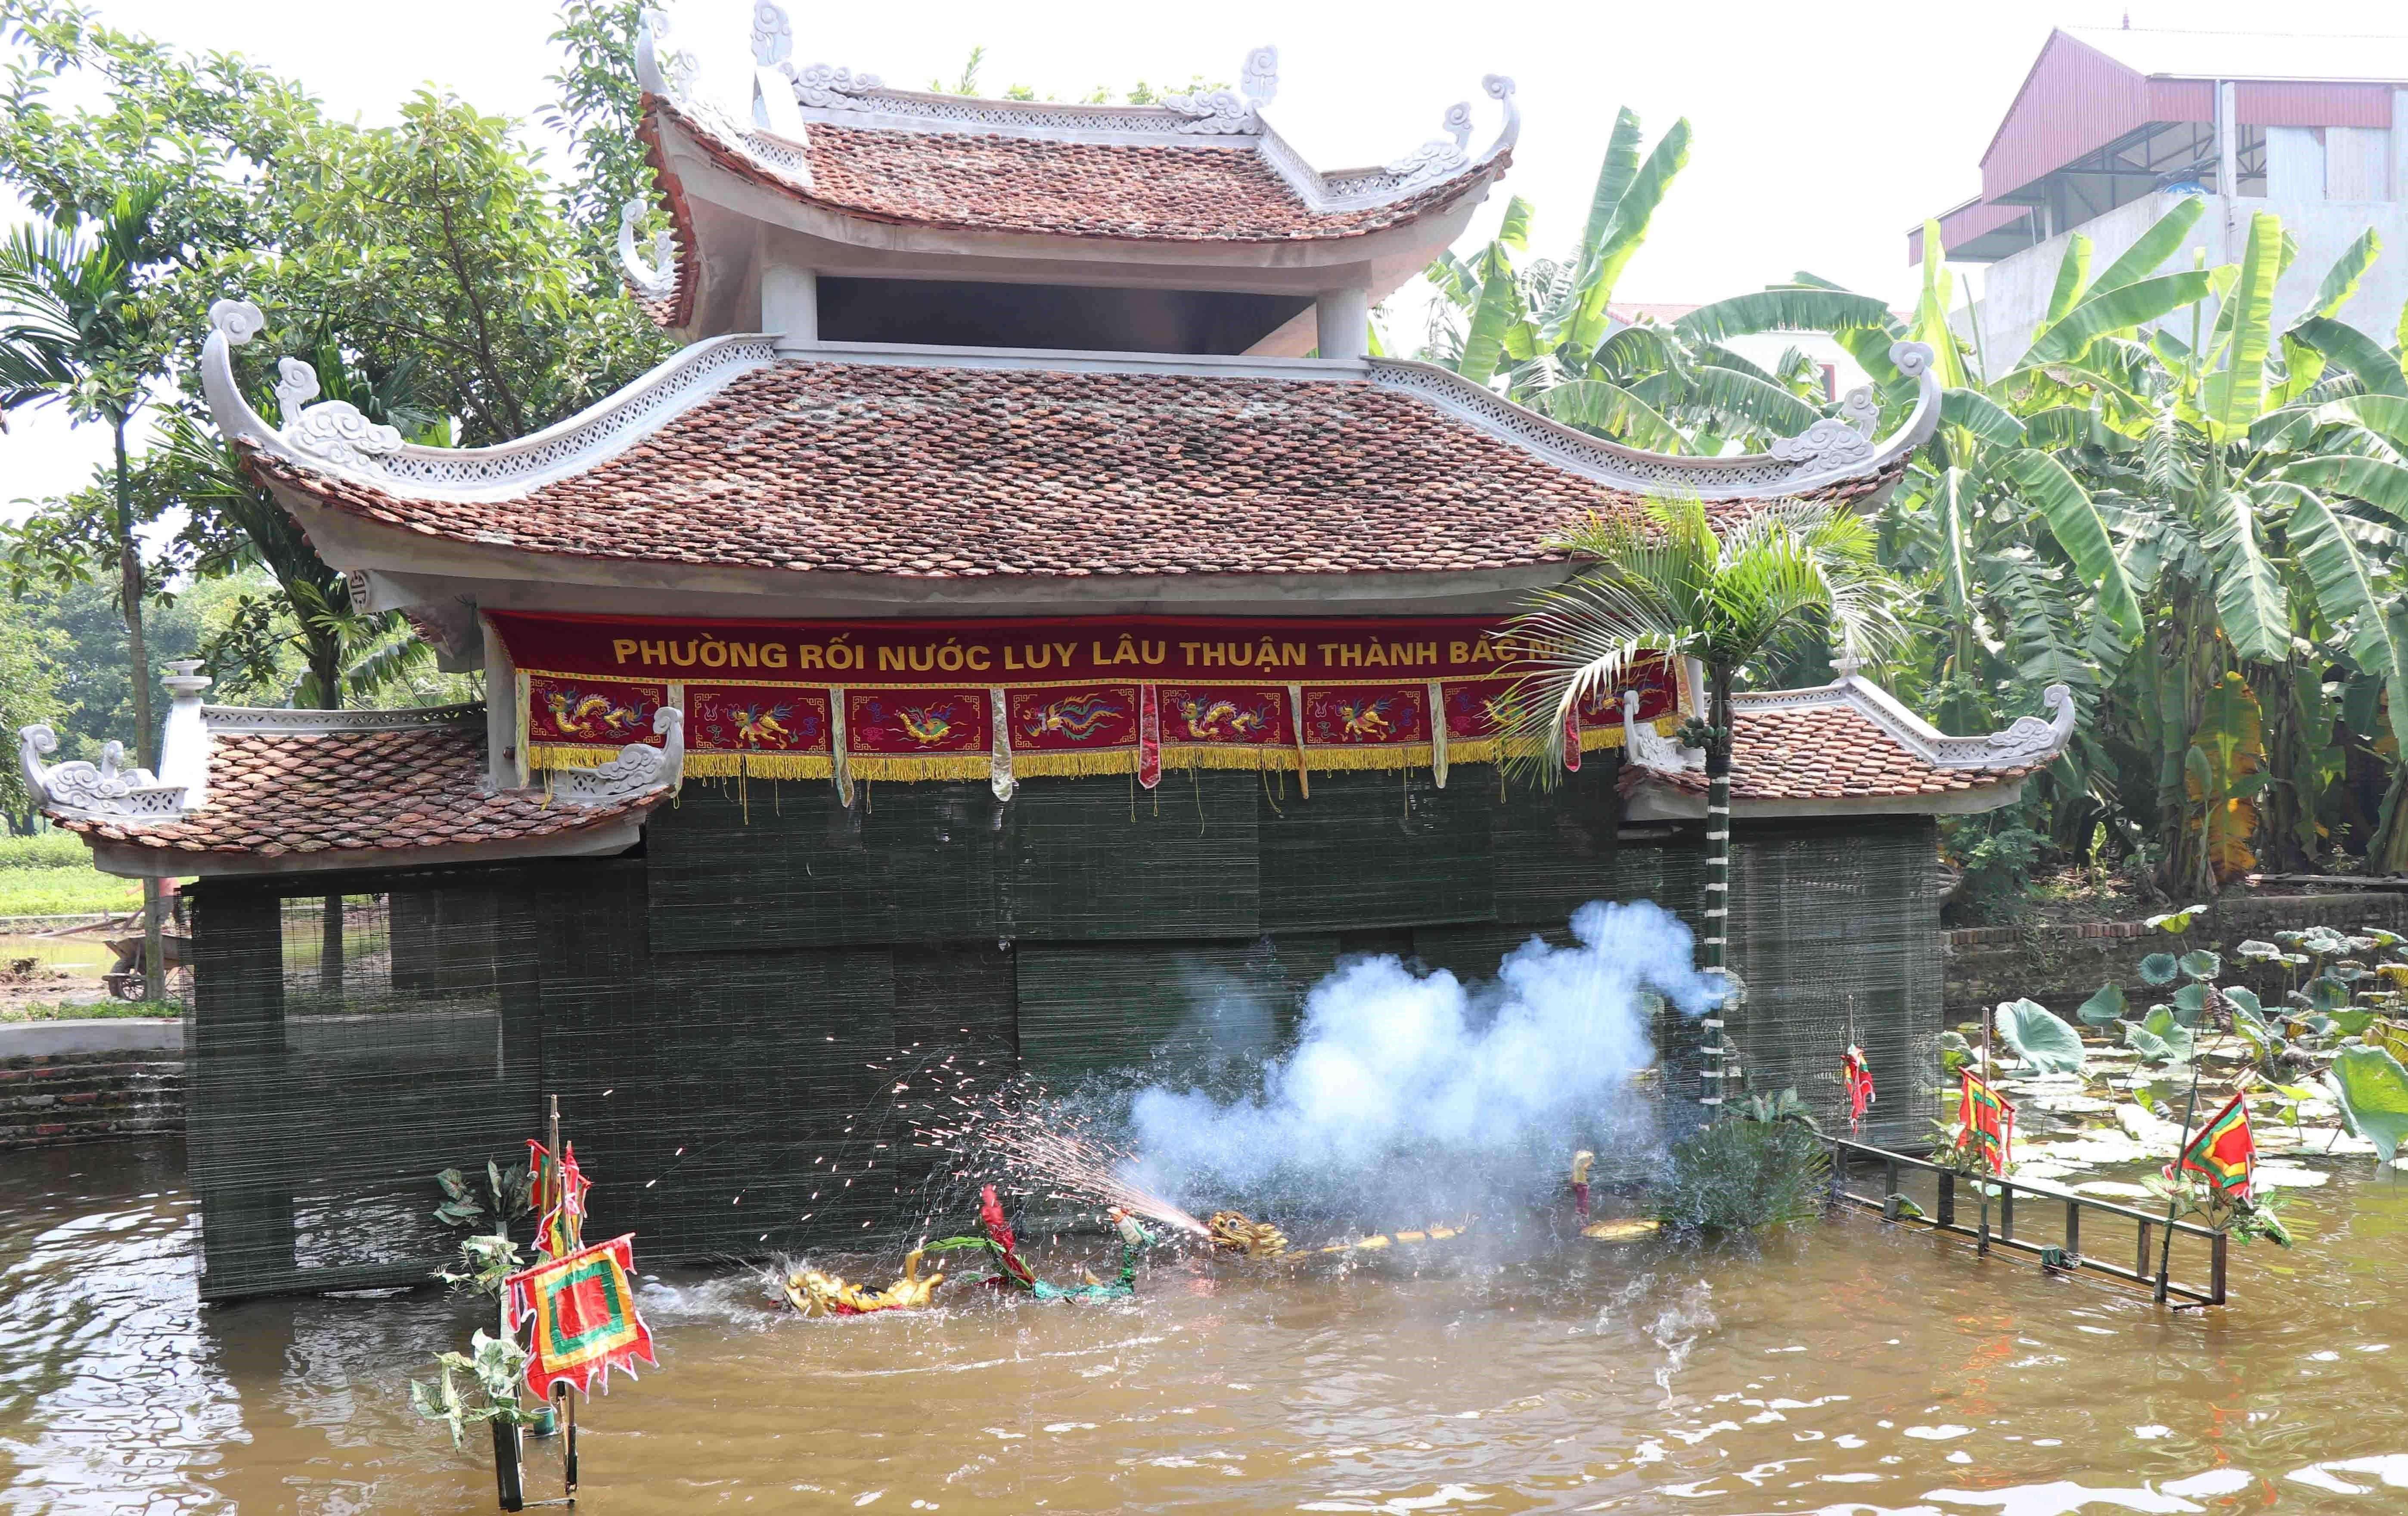 Bắc Ninh: Lôi cuốn nghệ thuật múa rối nước Đồng Ngư